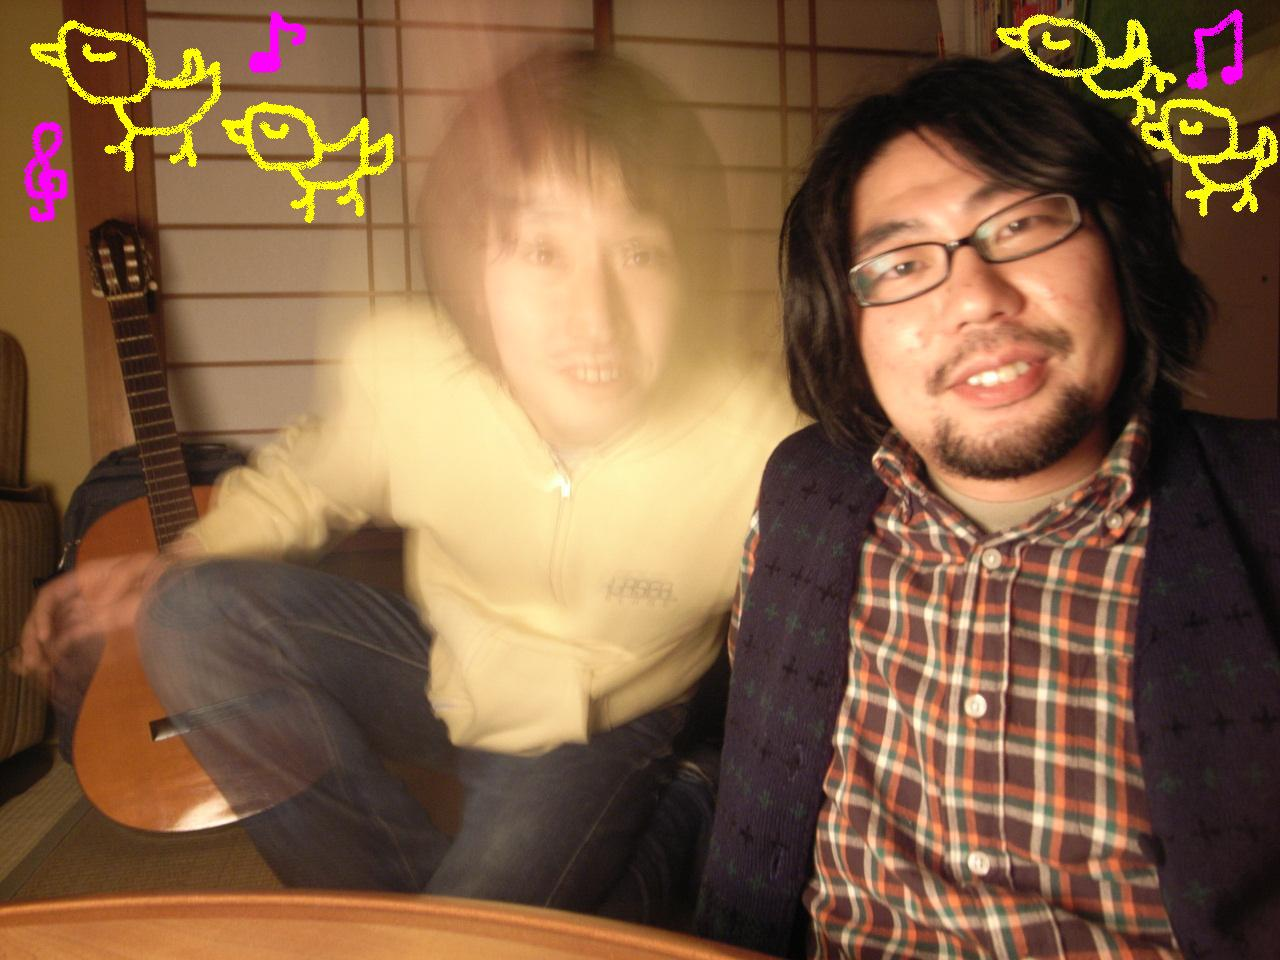 7月18日(金)『口笛ふいてやっておいで〜GO WEST!@ムジカ編〜』</font><font size=